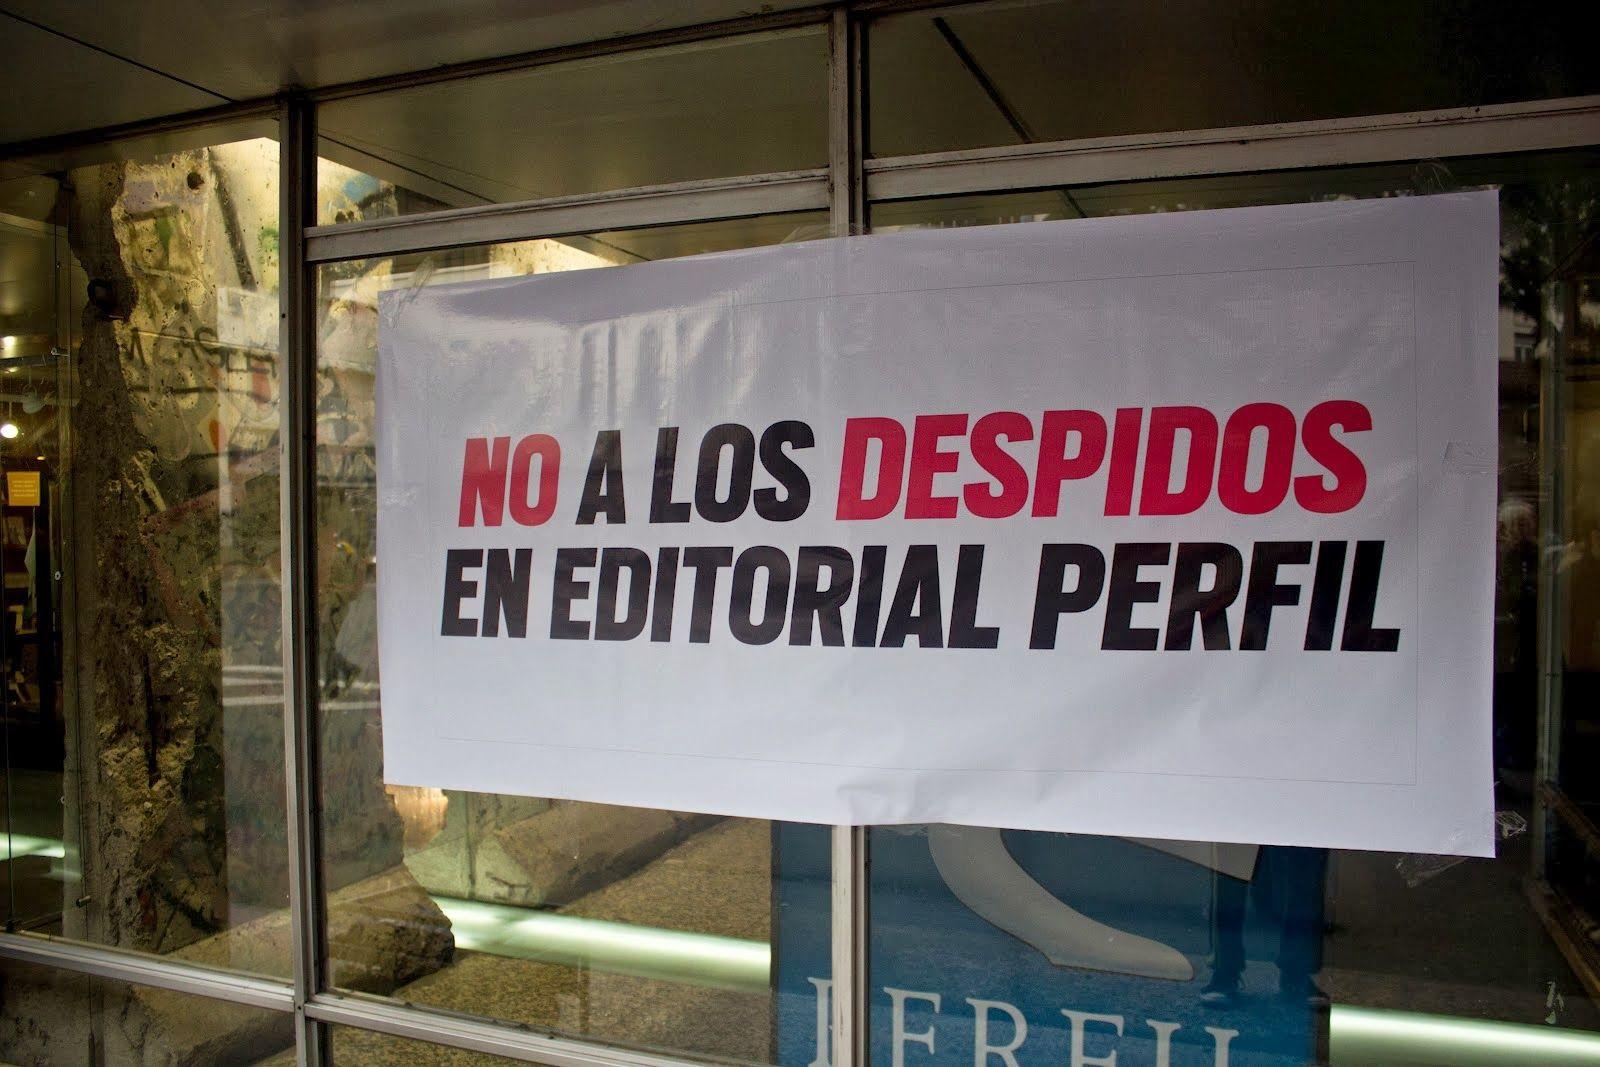 Denuncian doce despidos en la editorial Perfil